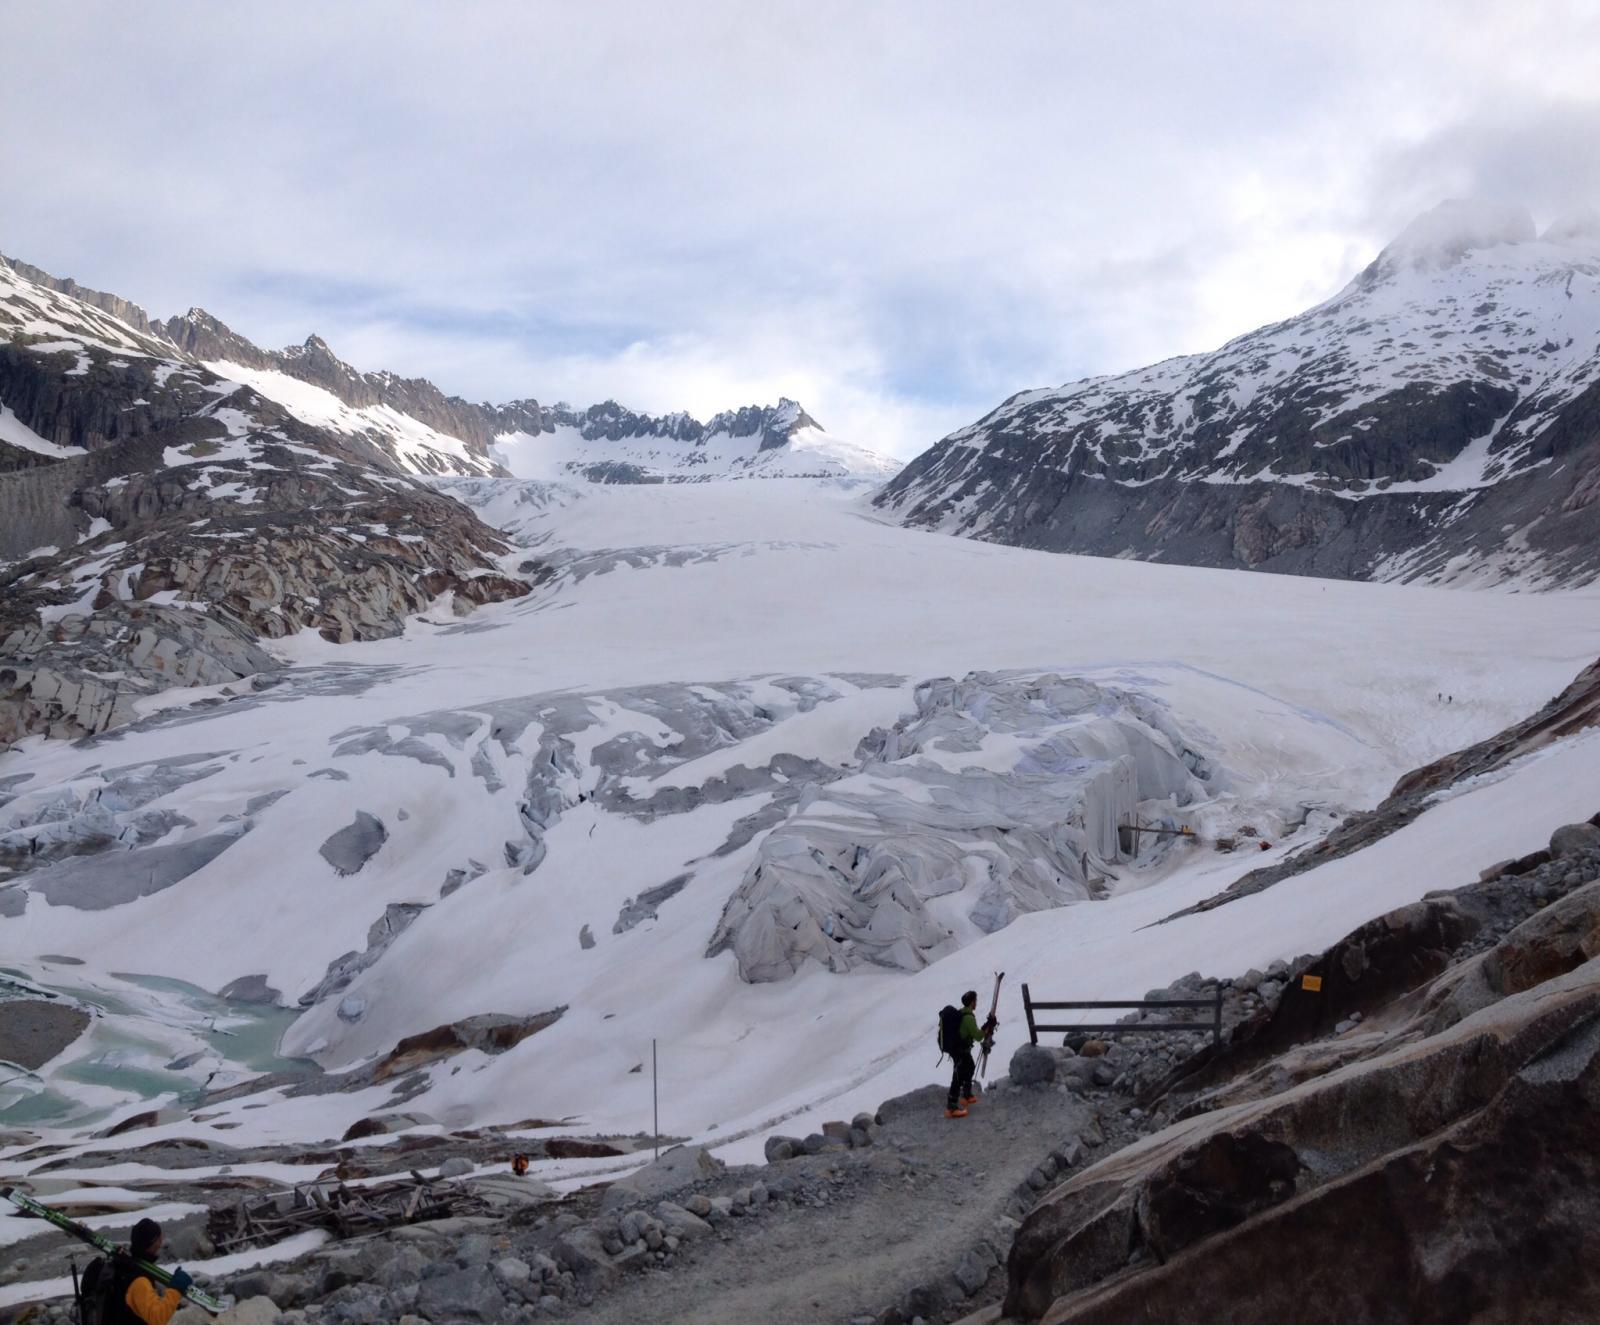 Verso la grotta di ghiaccio